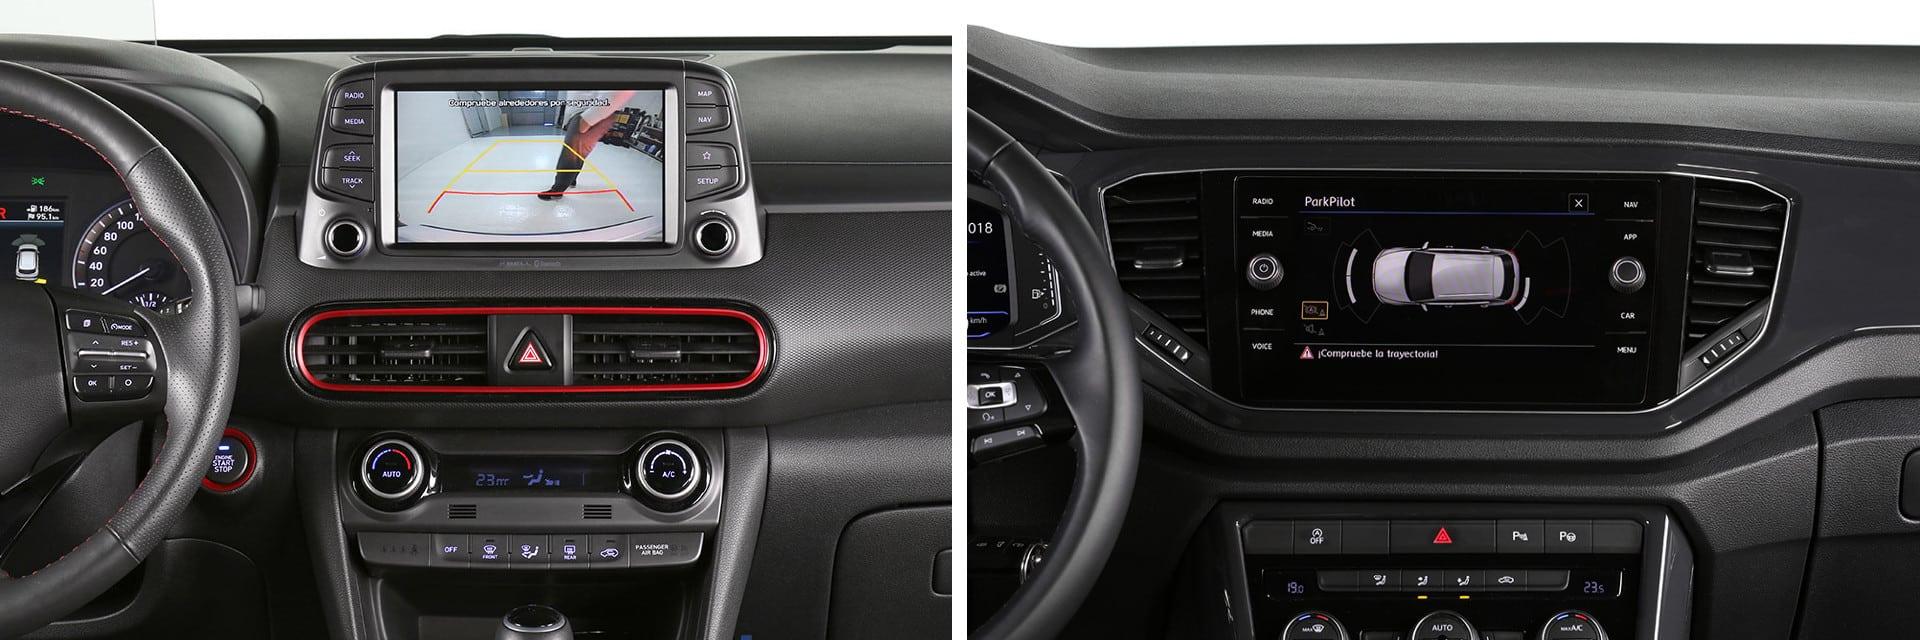 Ambos modelos cuentan con pantallas multimedia de grandes dimensiones en la consola central.